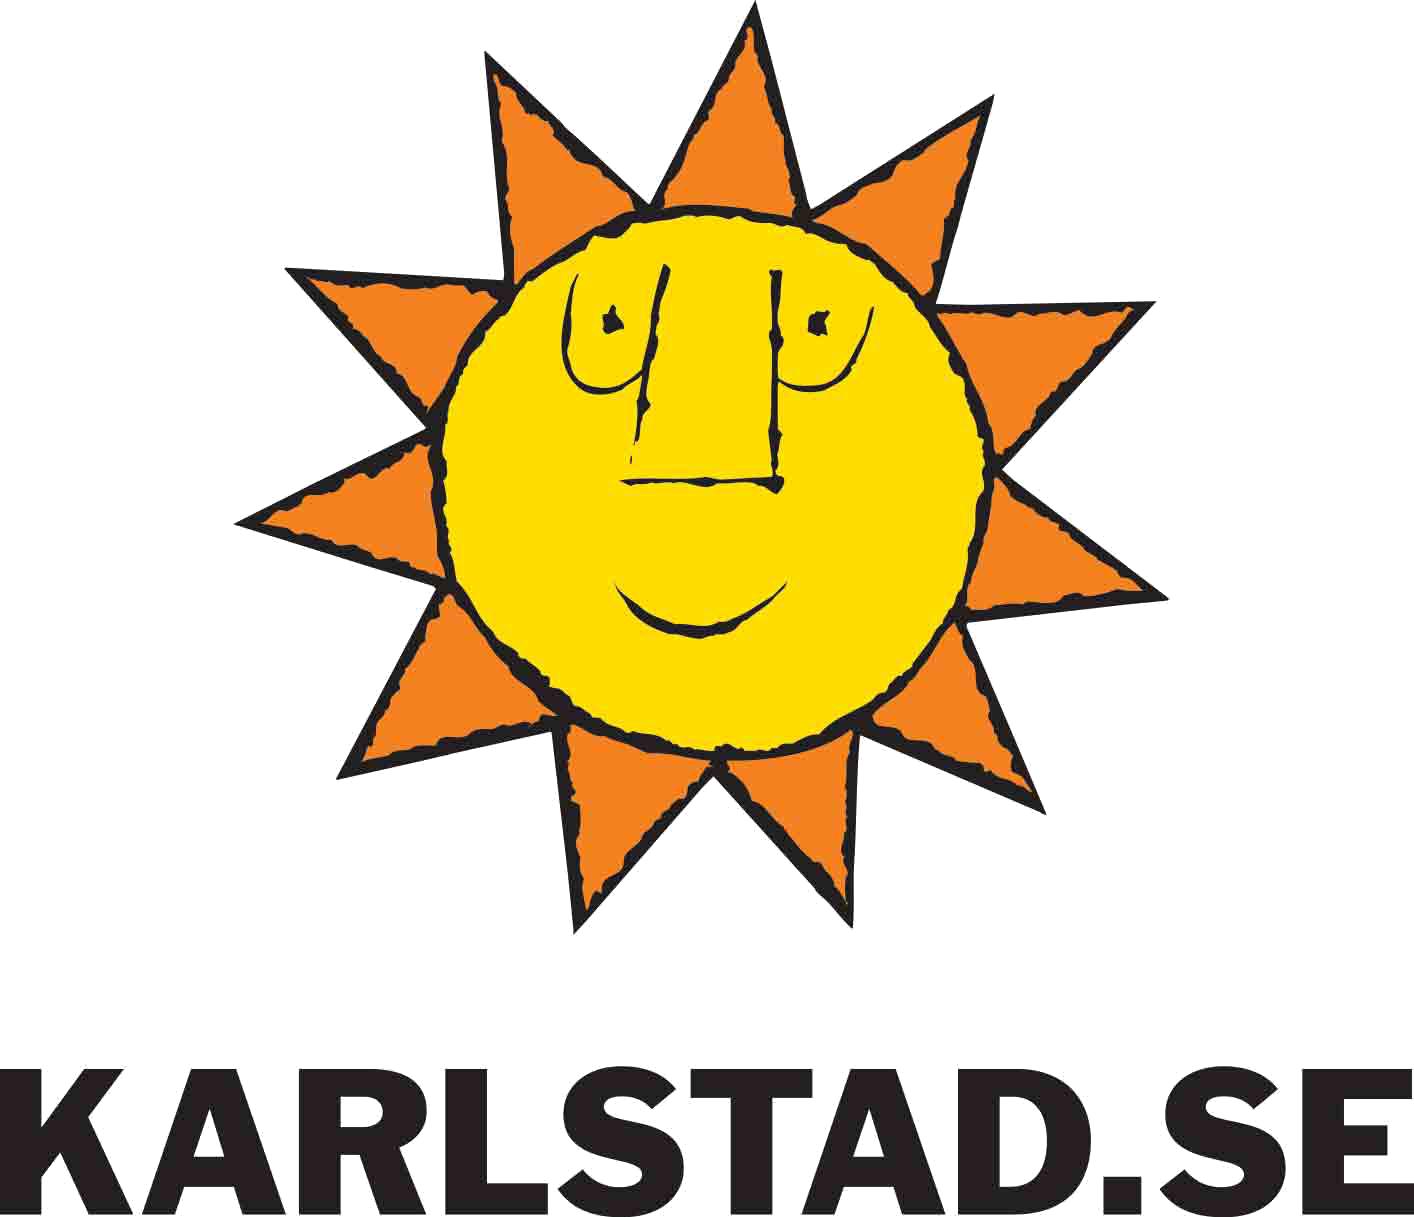 karlstad.se_cmyk.eps.png